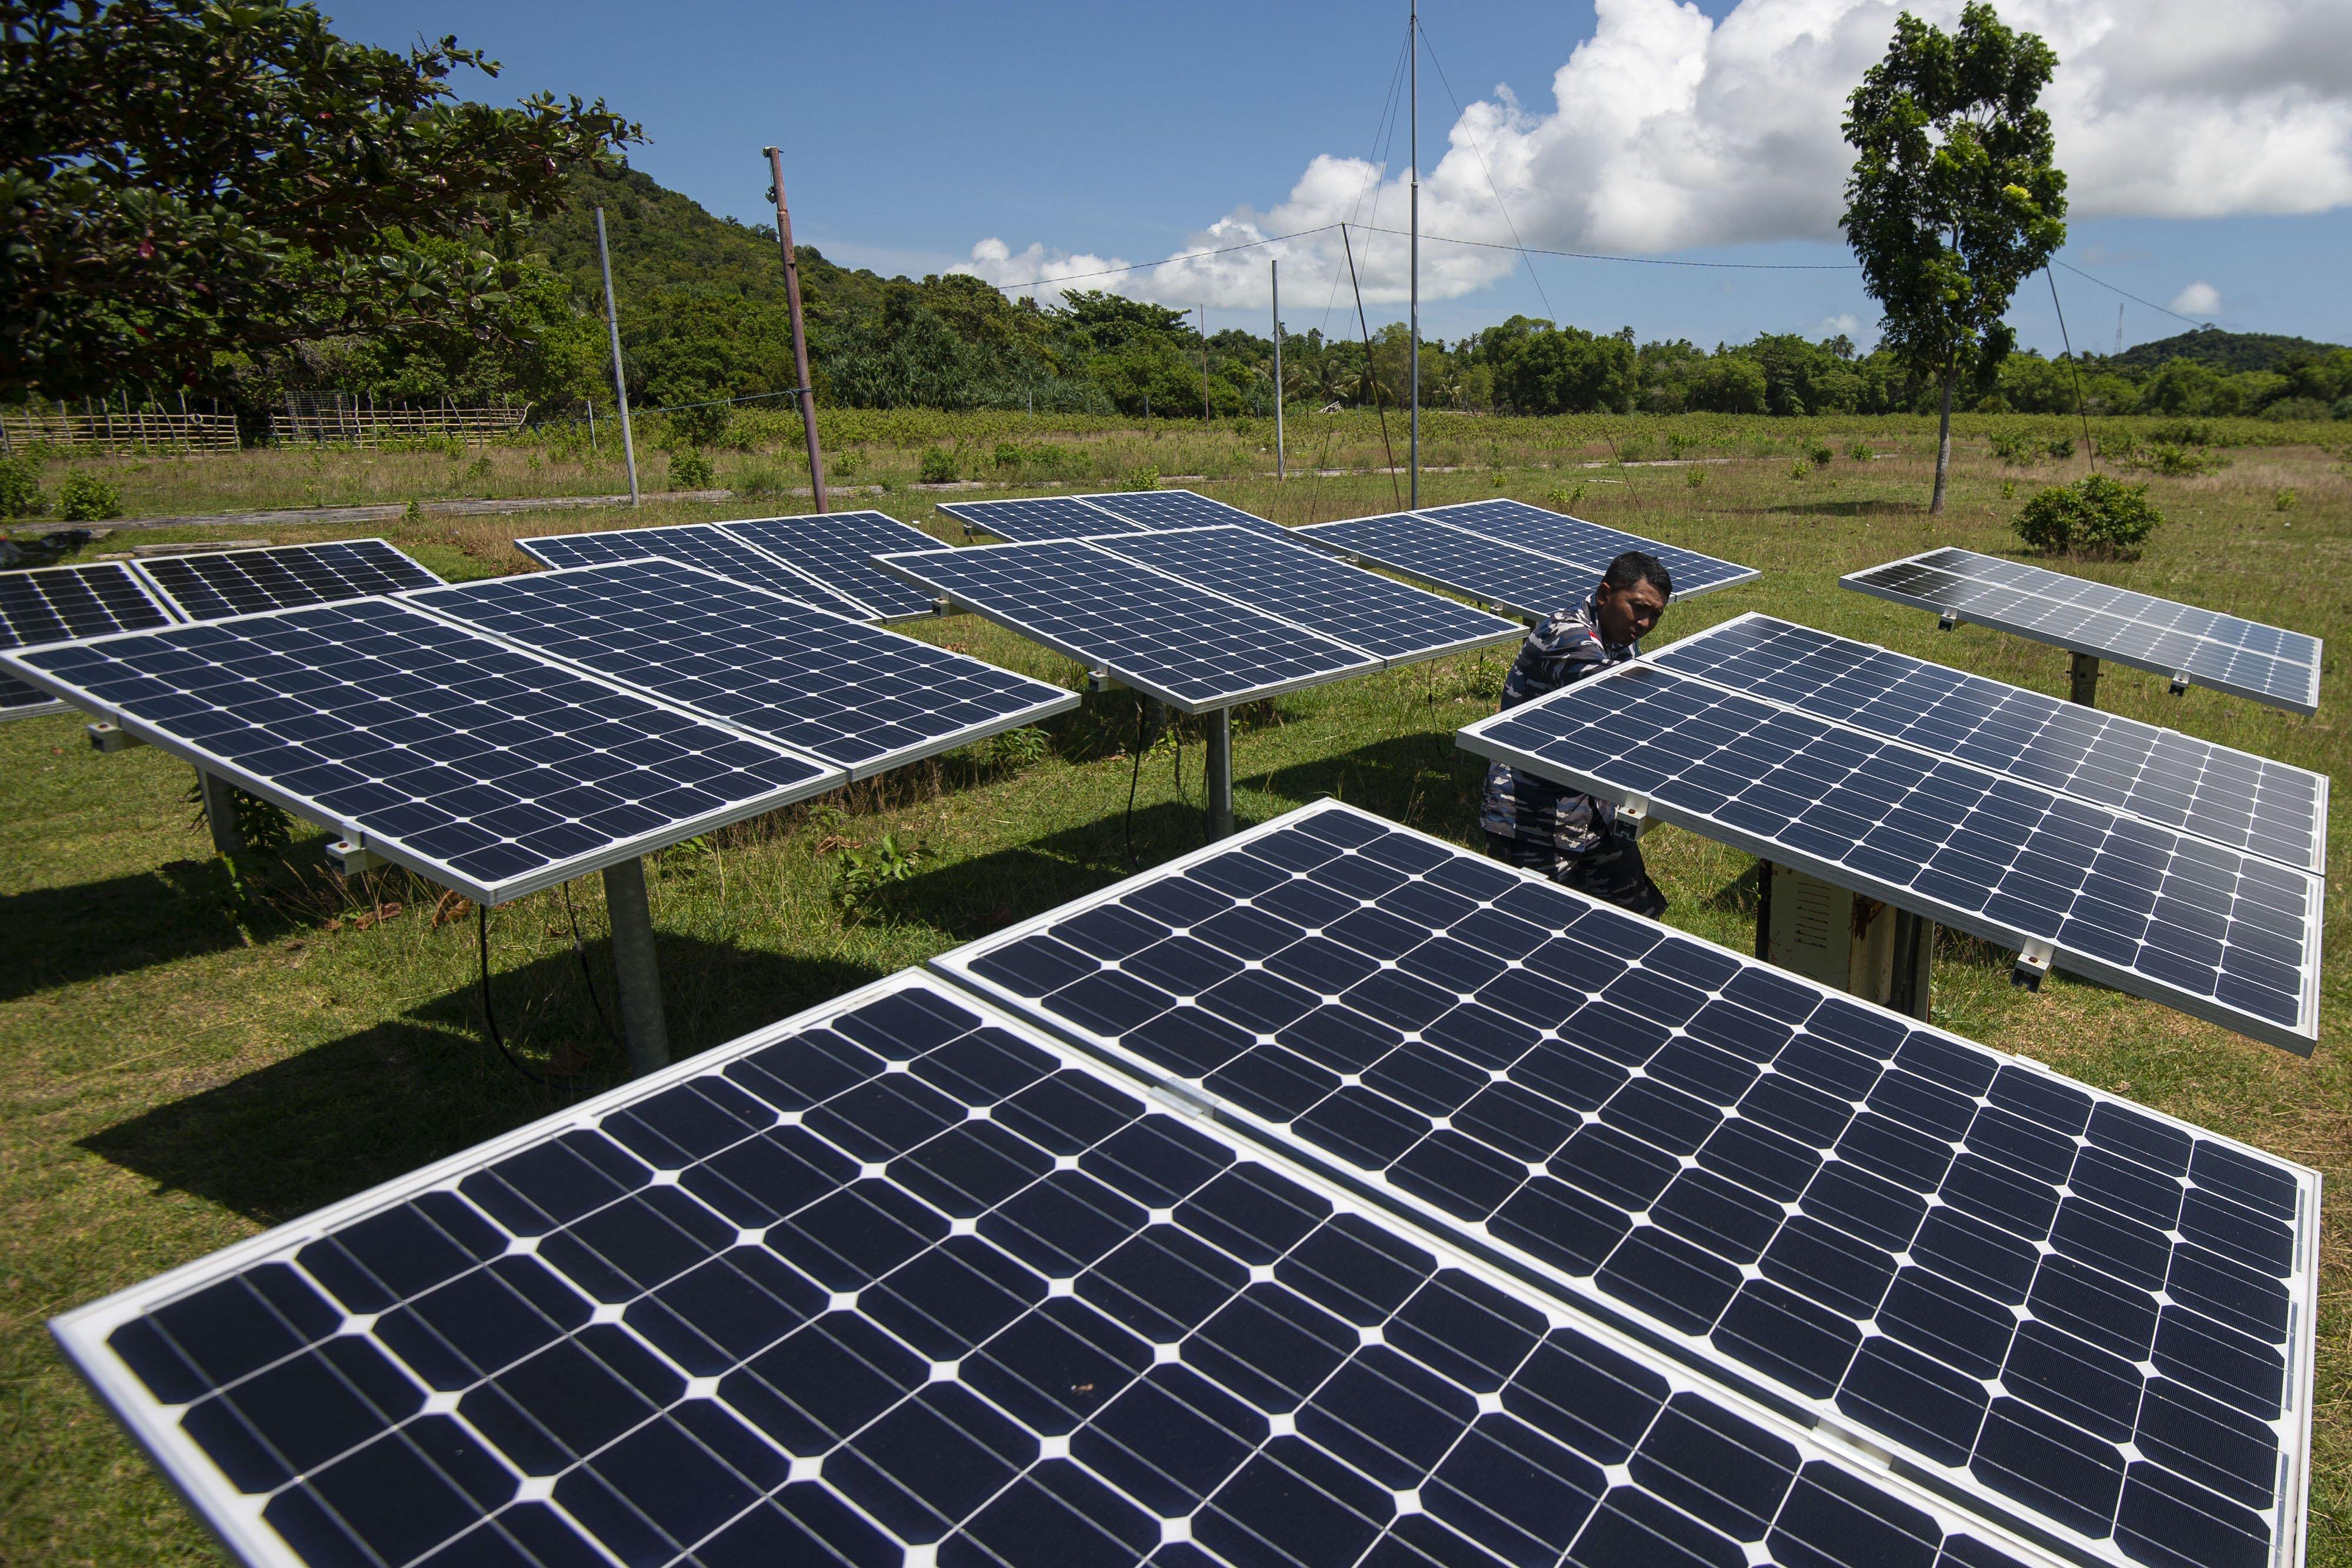 Panel surya juga menjadi sumber energi listrik alternatif di Pulau Laut, Kabupaten Natuna, Kepulauan Riau.